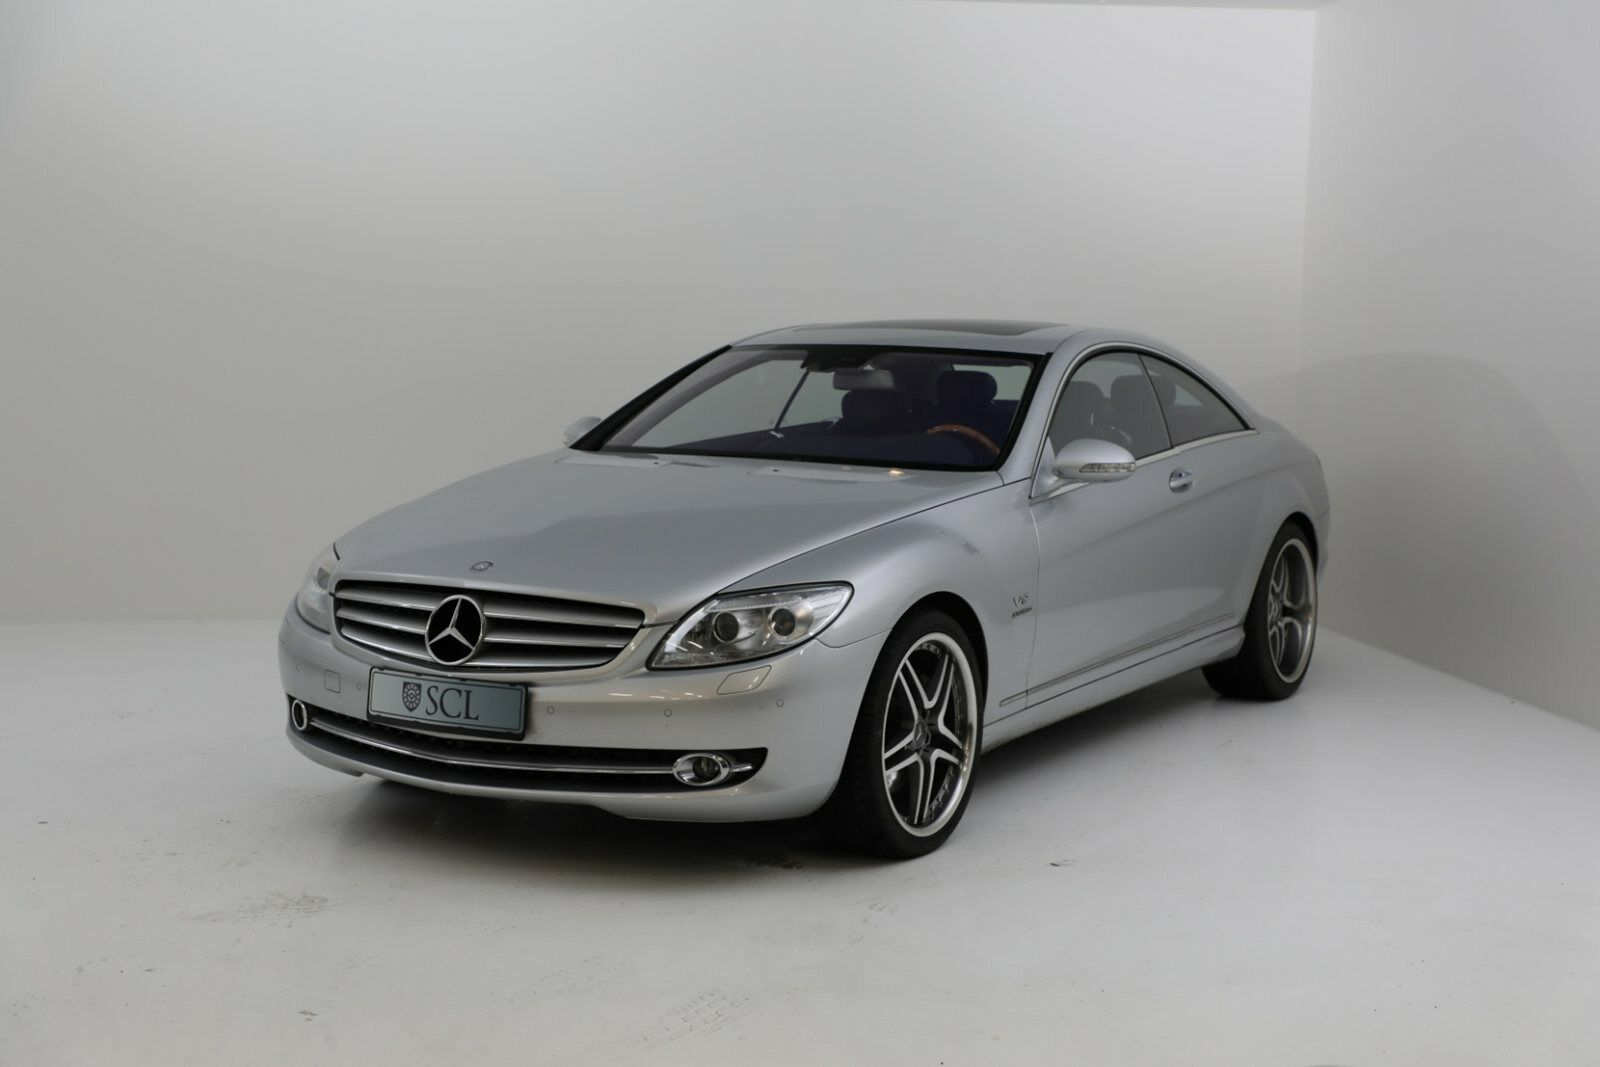 Mercedes CL600 5,5 V12 aut. 2d - 169.900 kr.